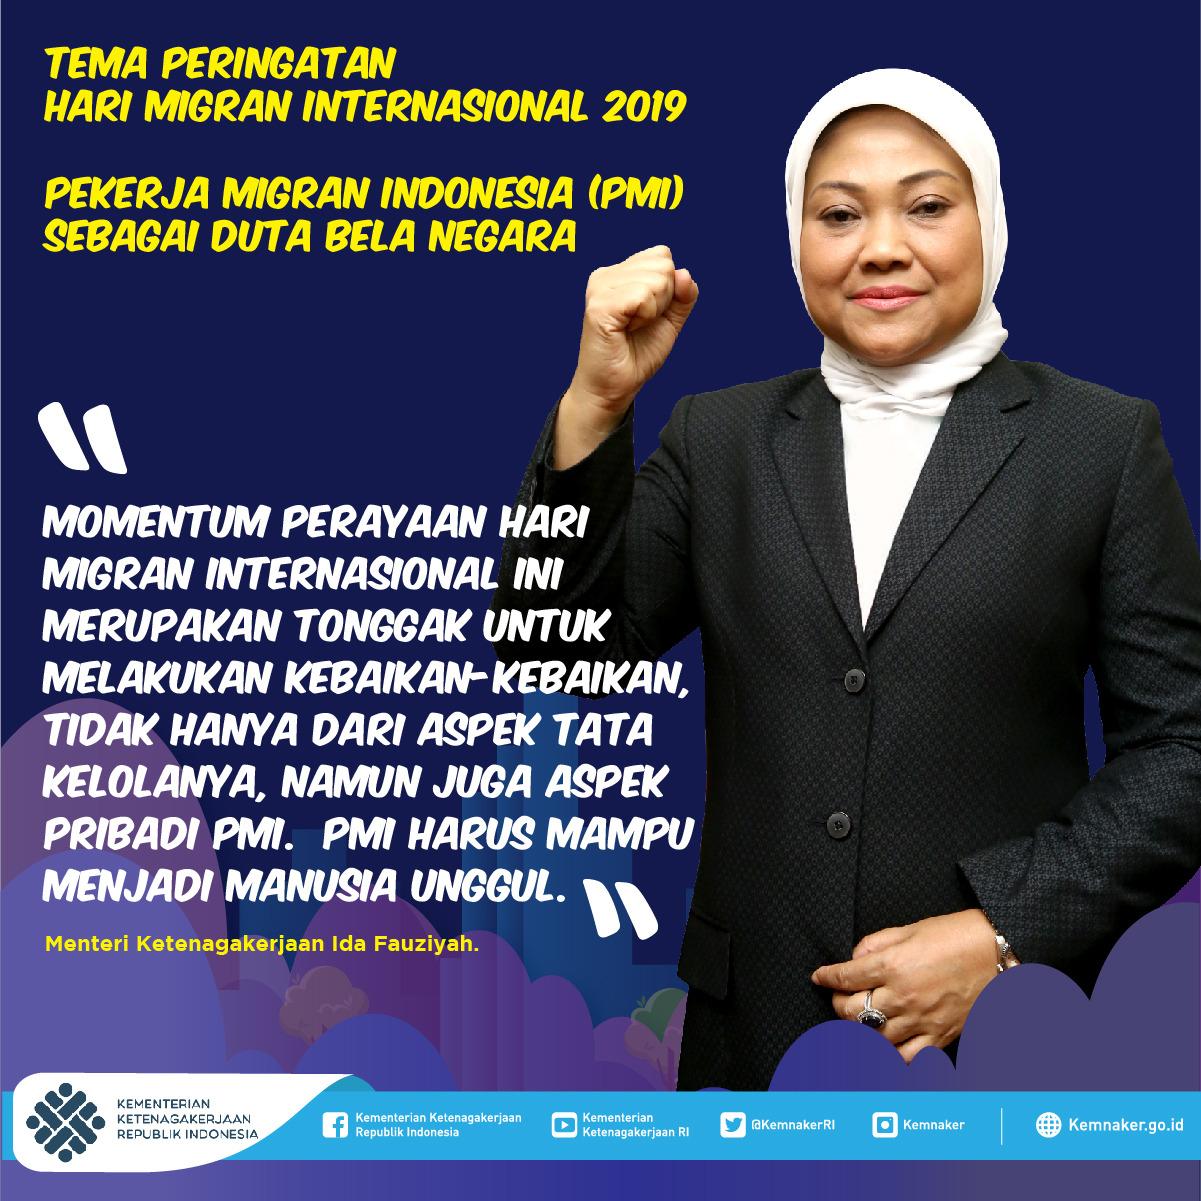 Bisakah para Pekerja Migran Indonesia (PMI) menjadi Duta Bela Negara?  Tentu saja bisa! Karena mereka bekerja di negeri orang dan mereka menjadi jendela bagi dunia luar untuk mengenal Indonesia.   Minaker yakin kalian mampu. Karena kalian adalah PMI yang luar biasa. #PMISukses